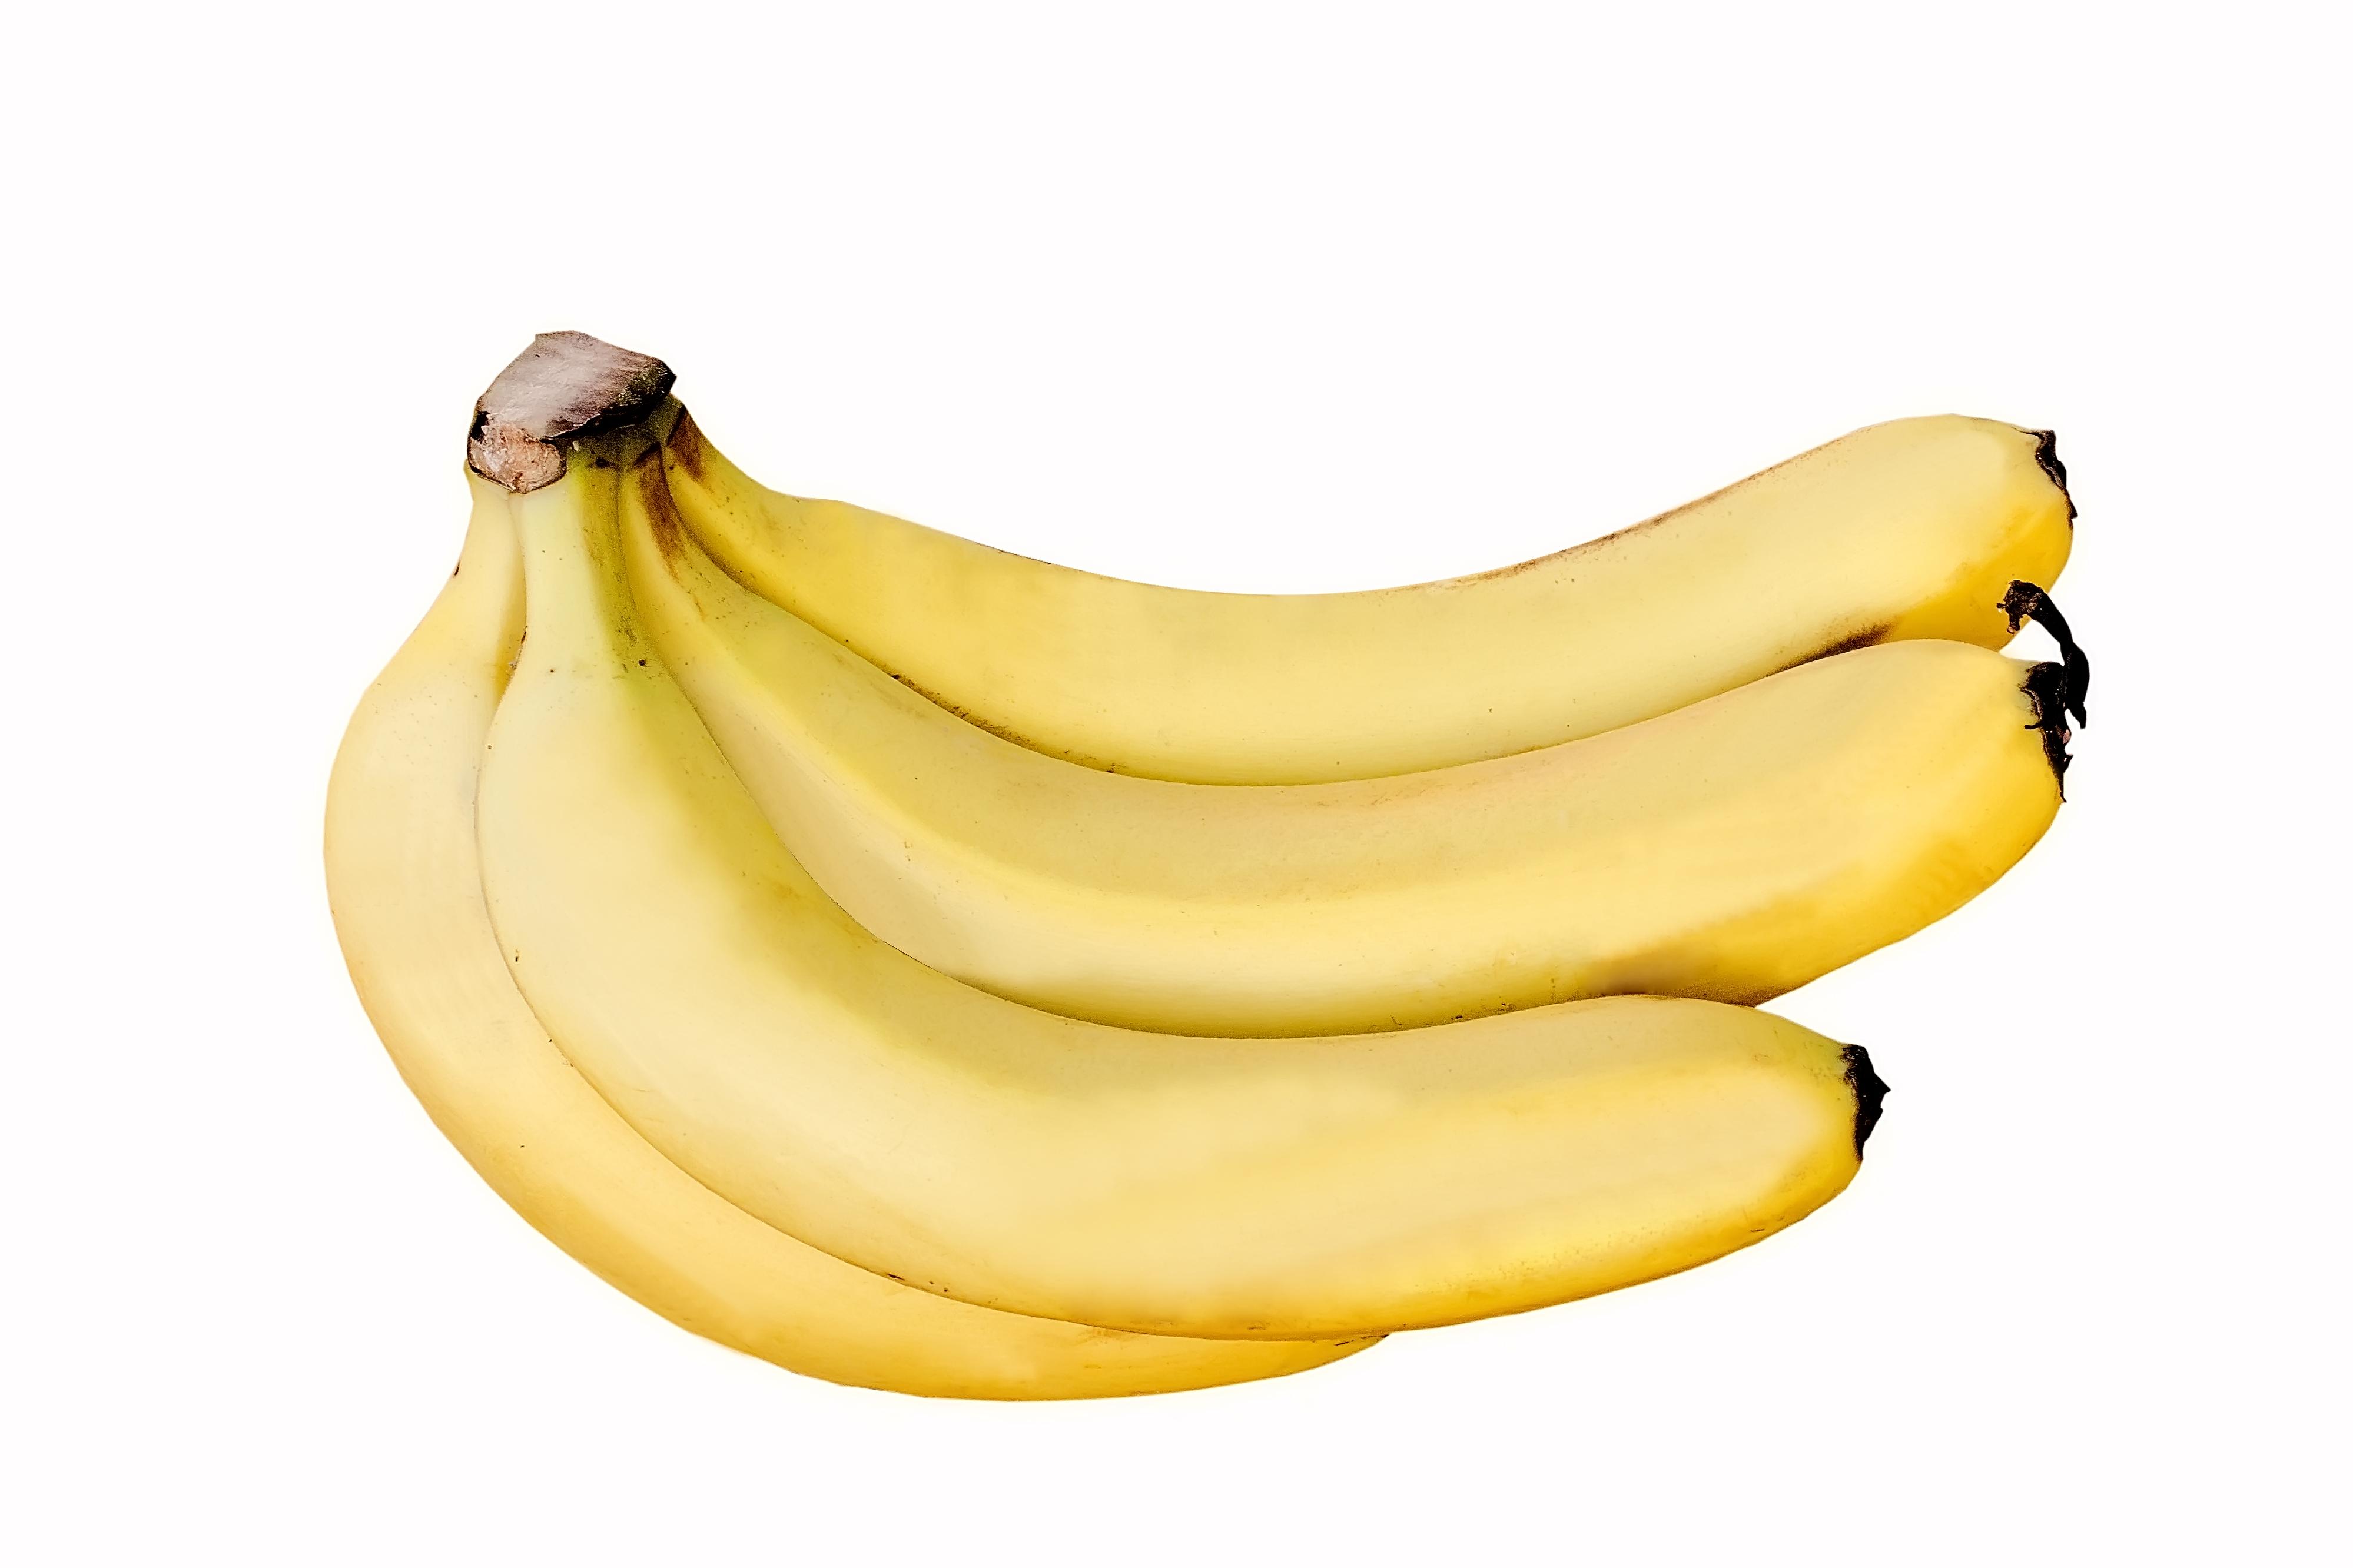 Ученые: Бананы защитят человека отгриппа, ВИЧ, гепатита и иных вирусов